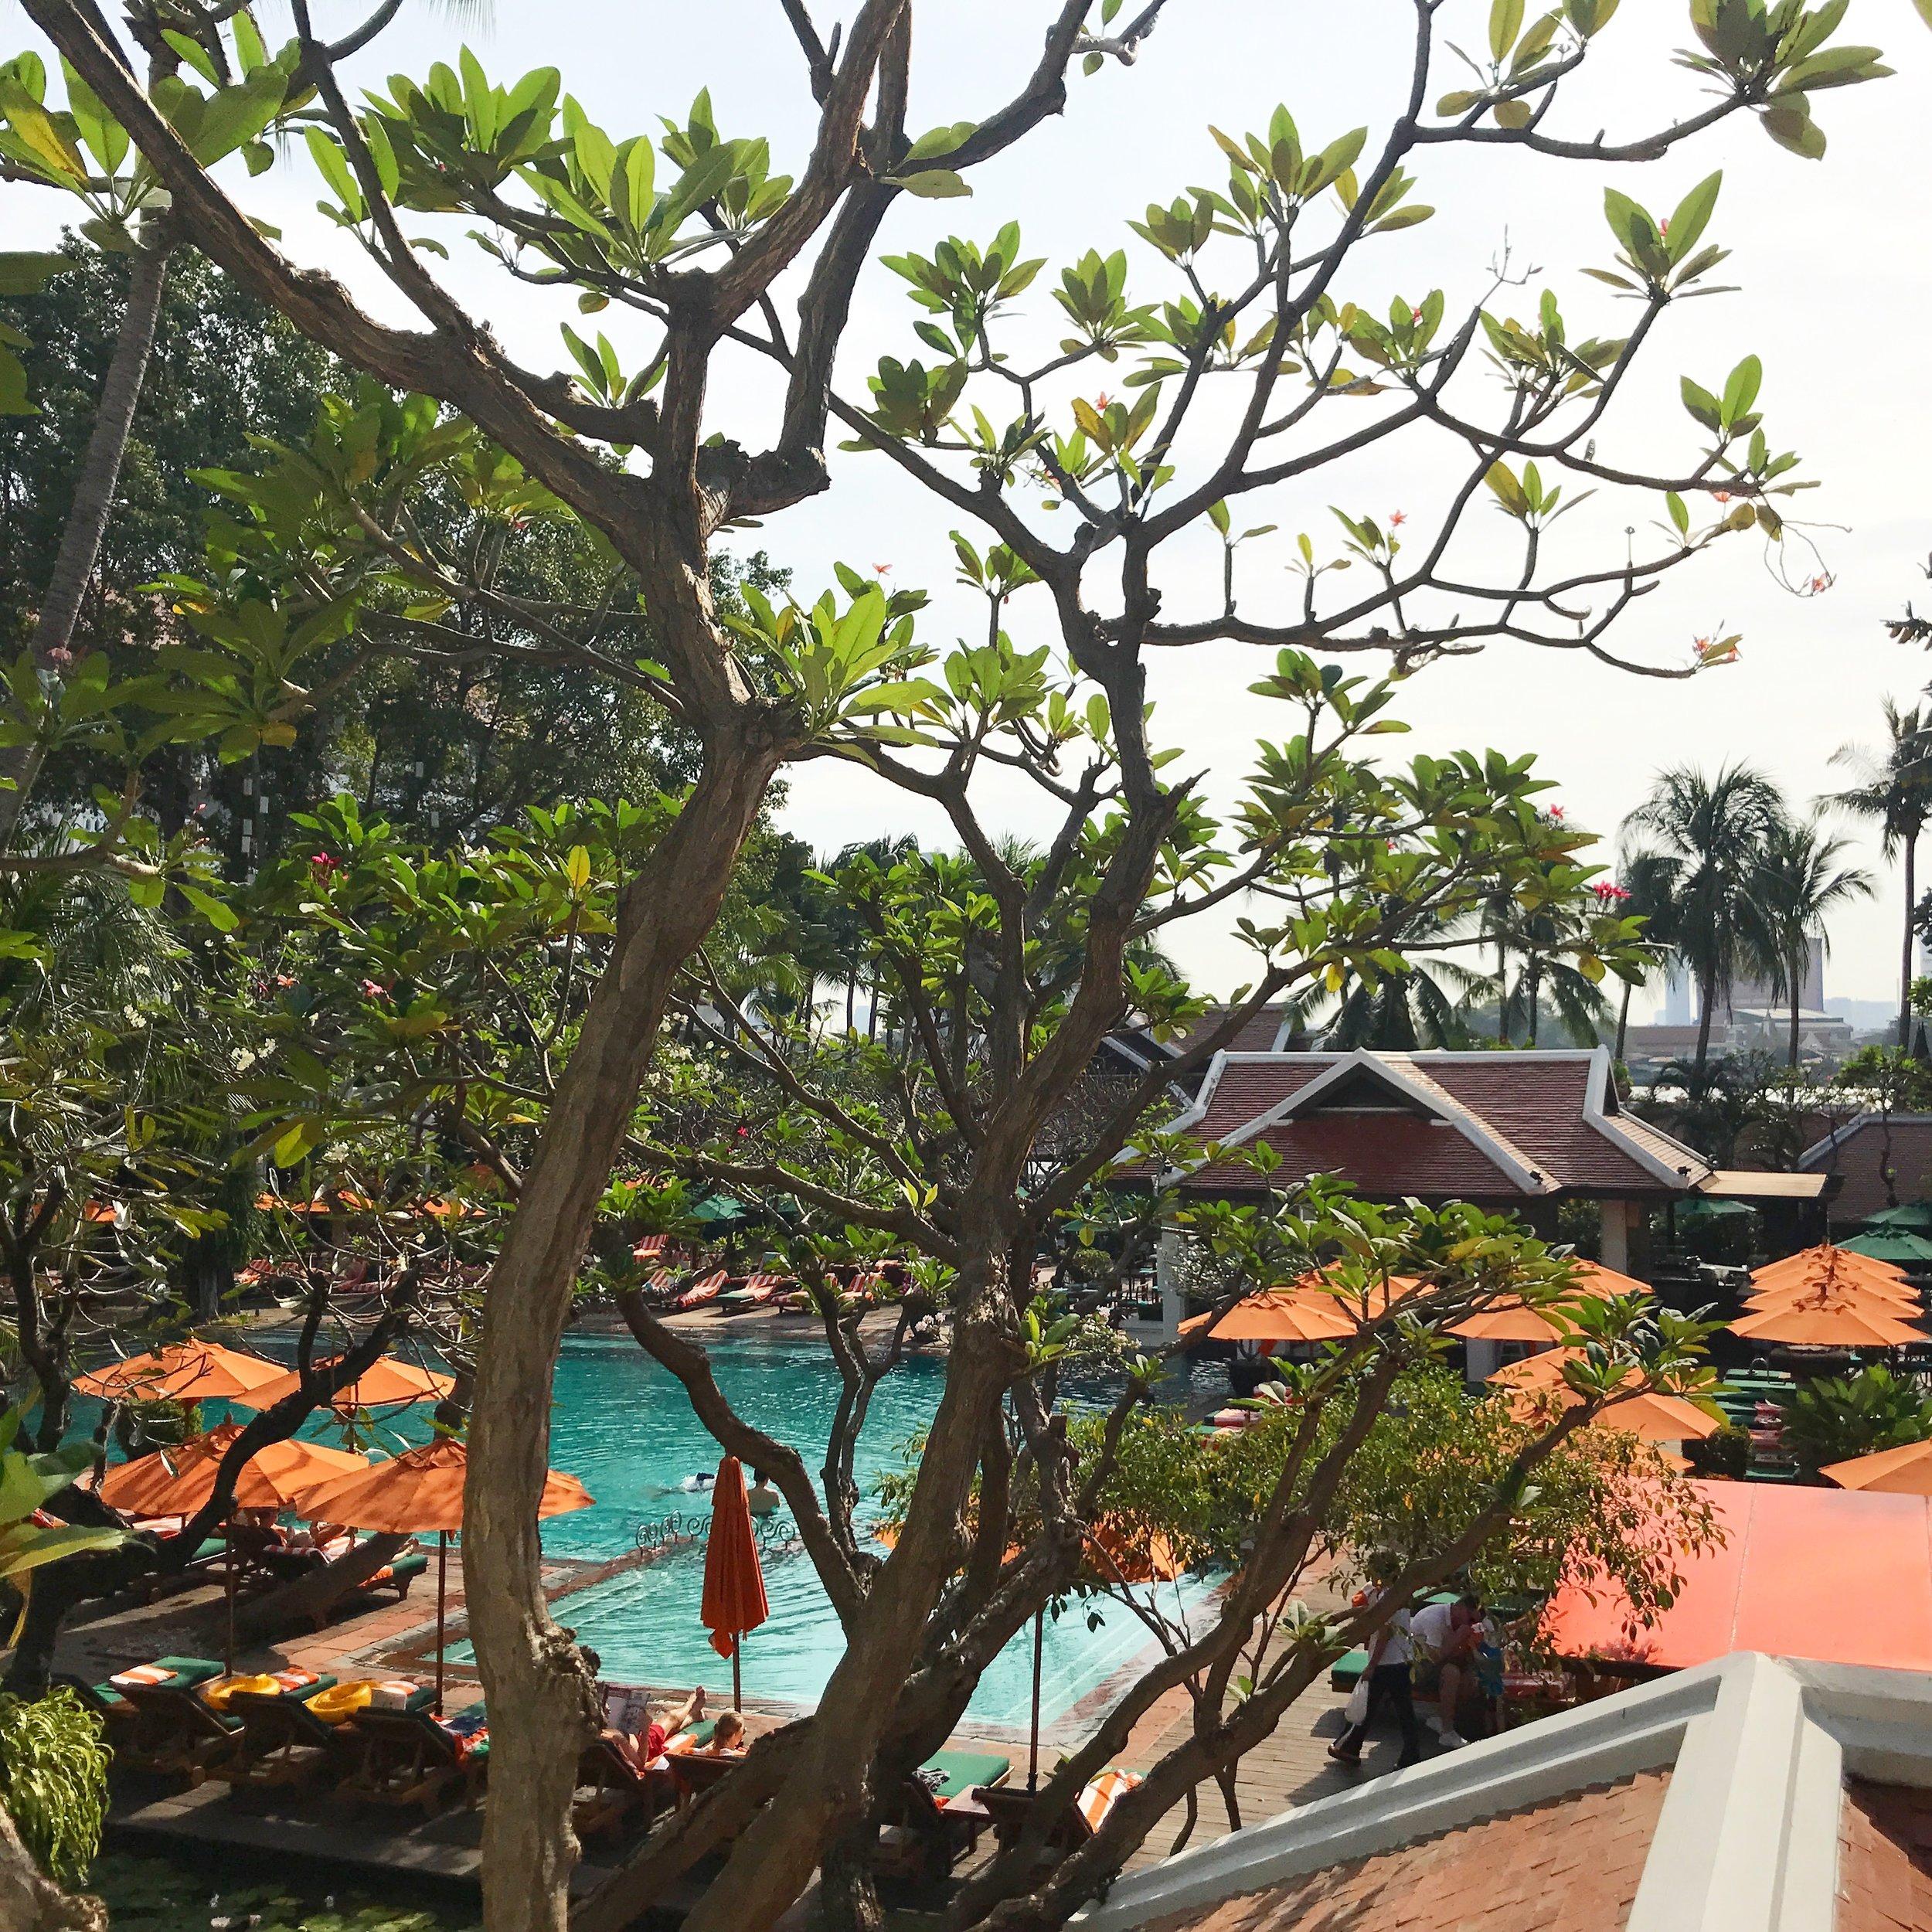 Anatara Riverside Resort (Thonburi)